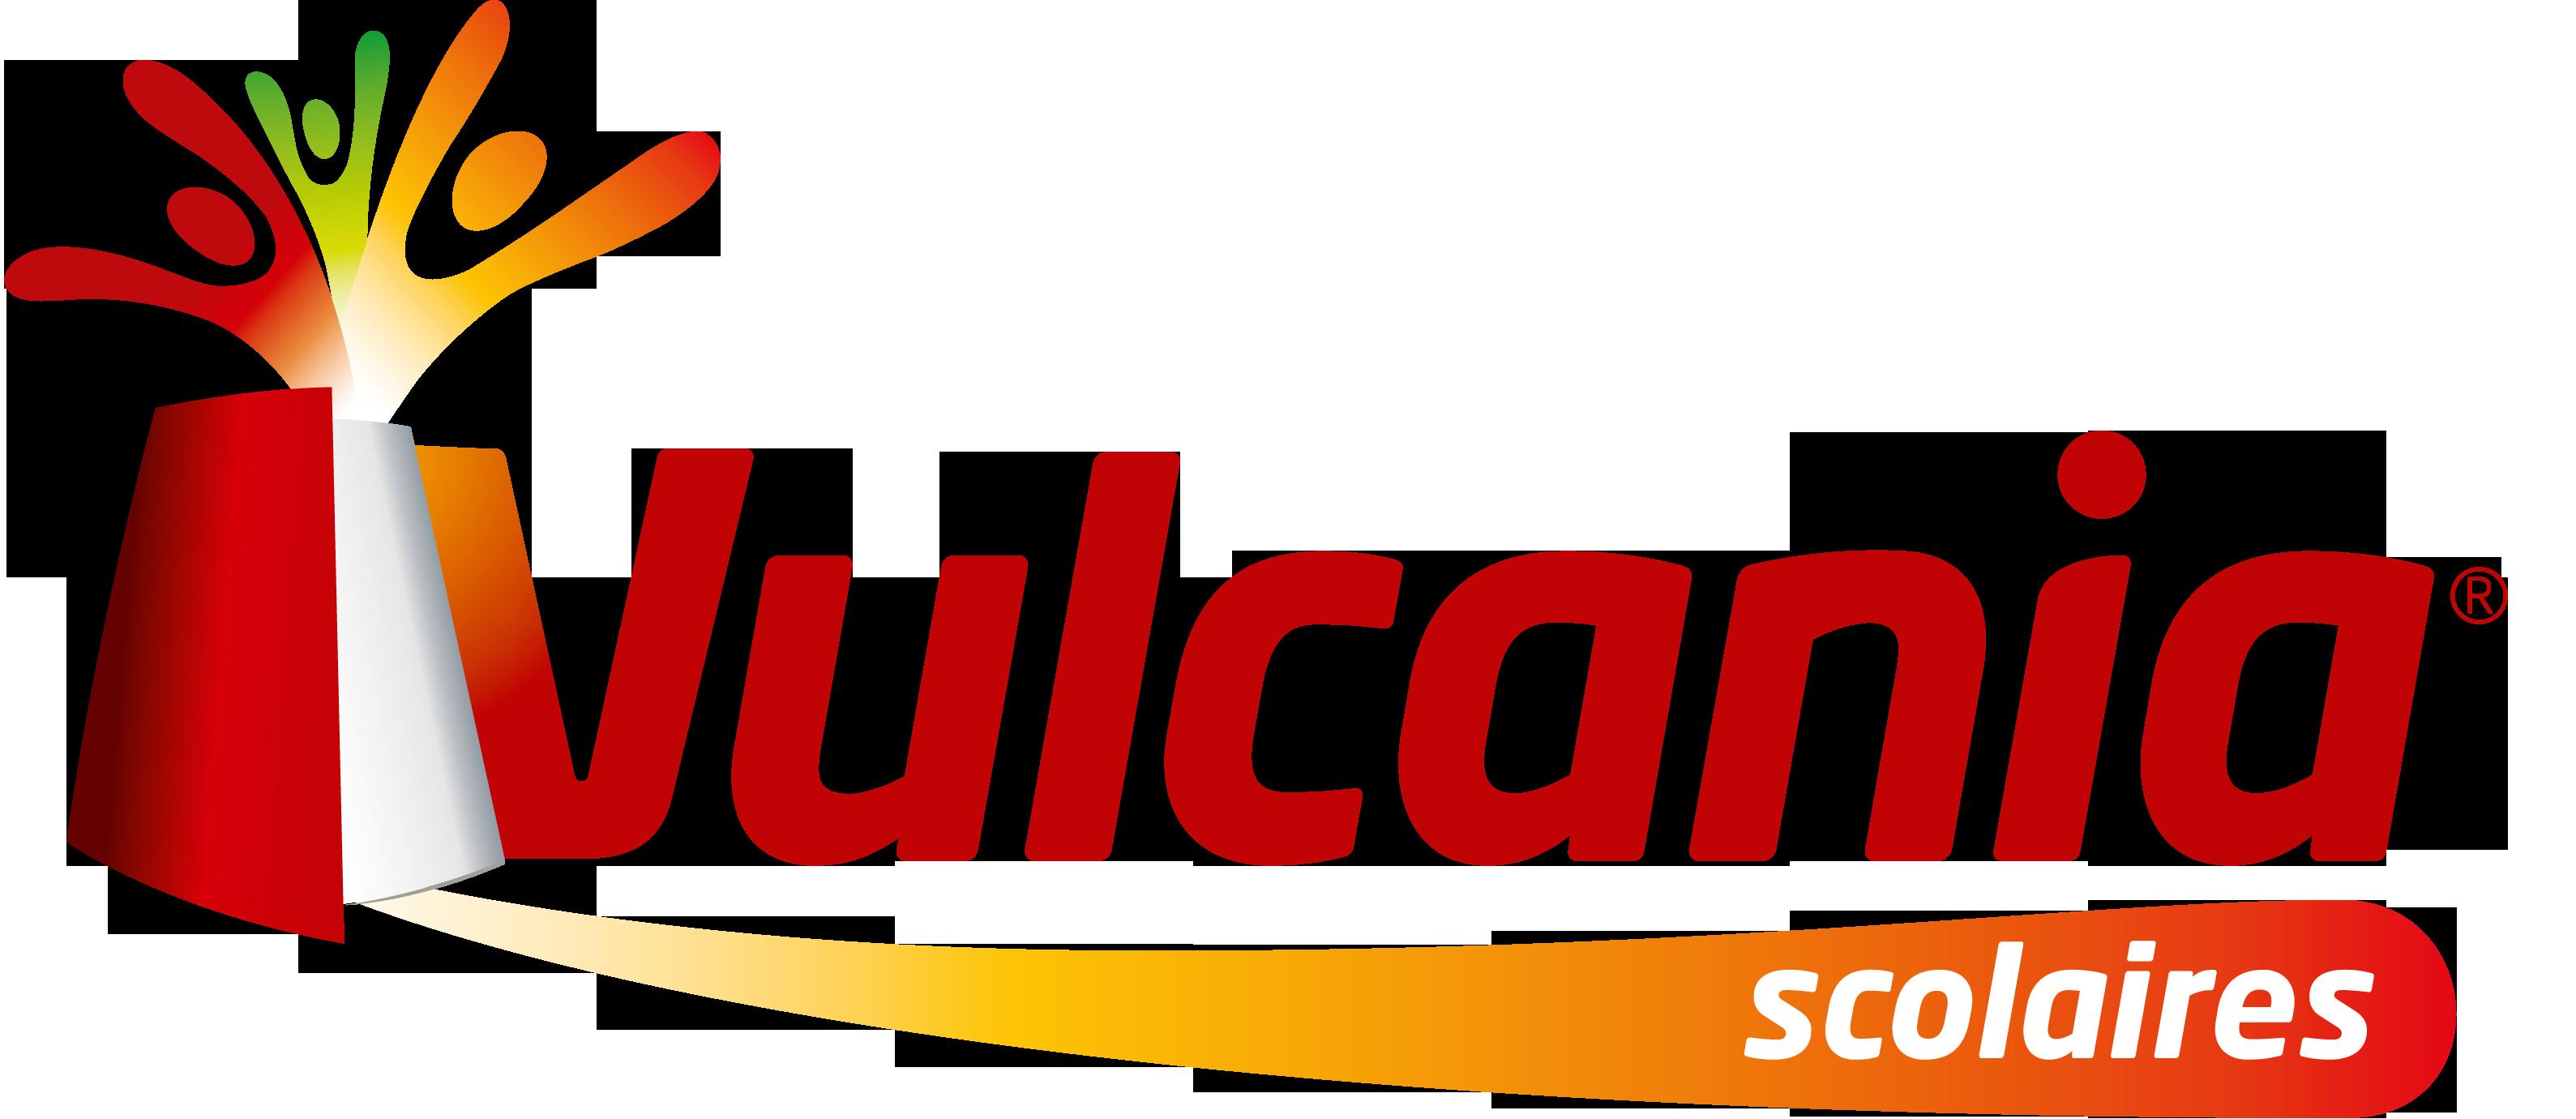 Vulcania Scolaires